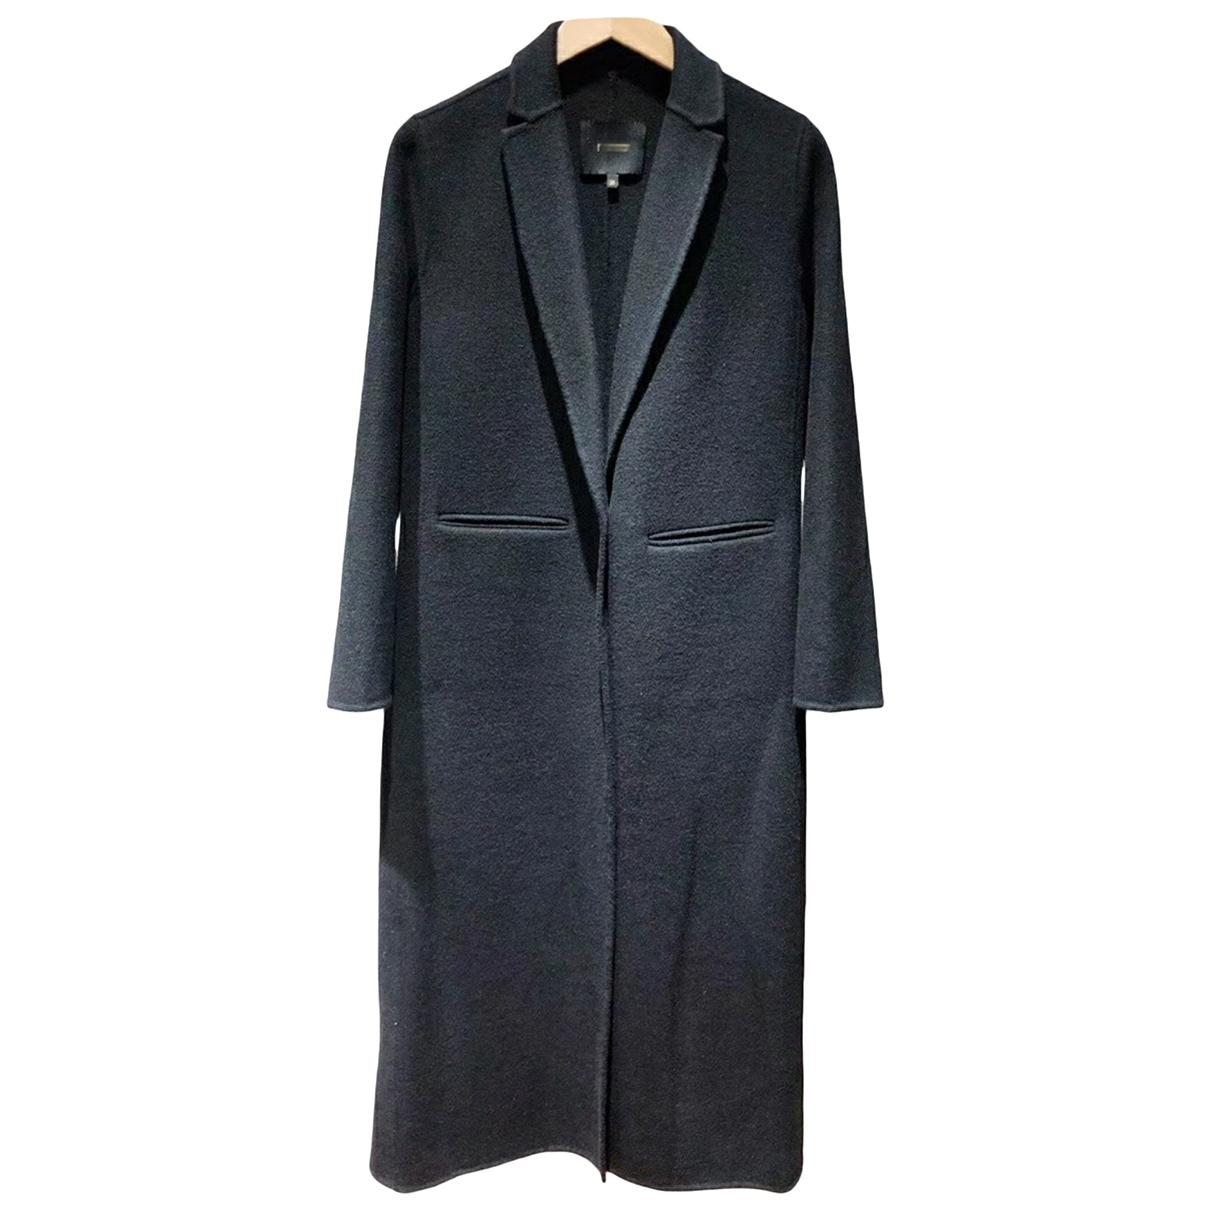 Maje Fall Winter 2019 Black Wool coat for Women 36 FR